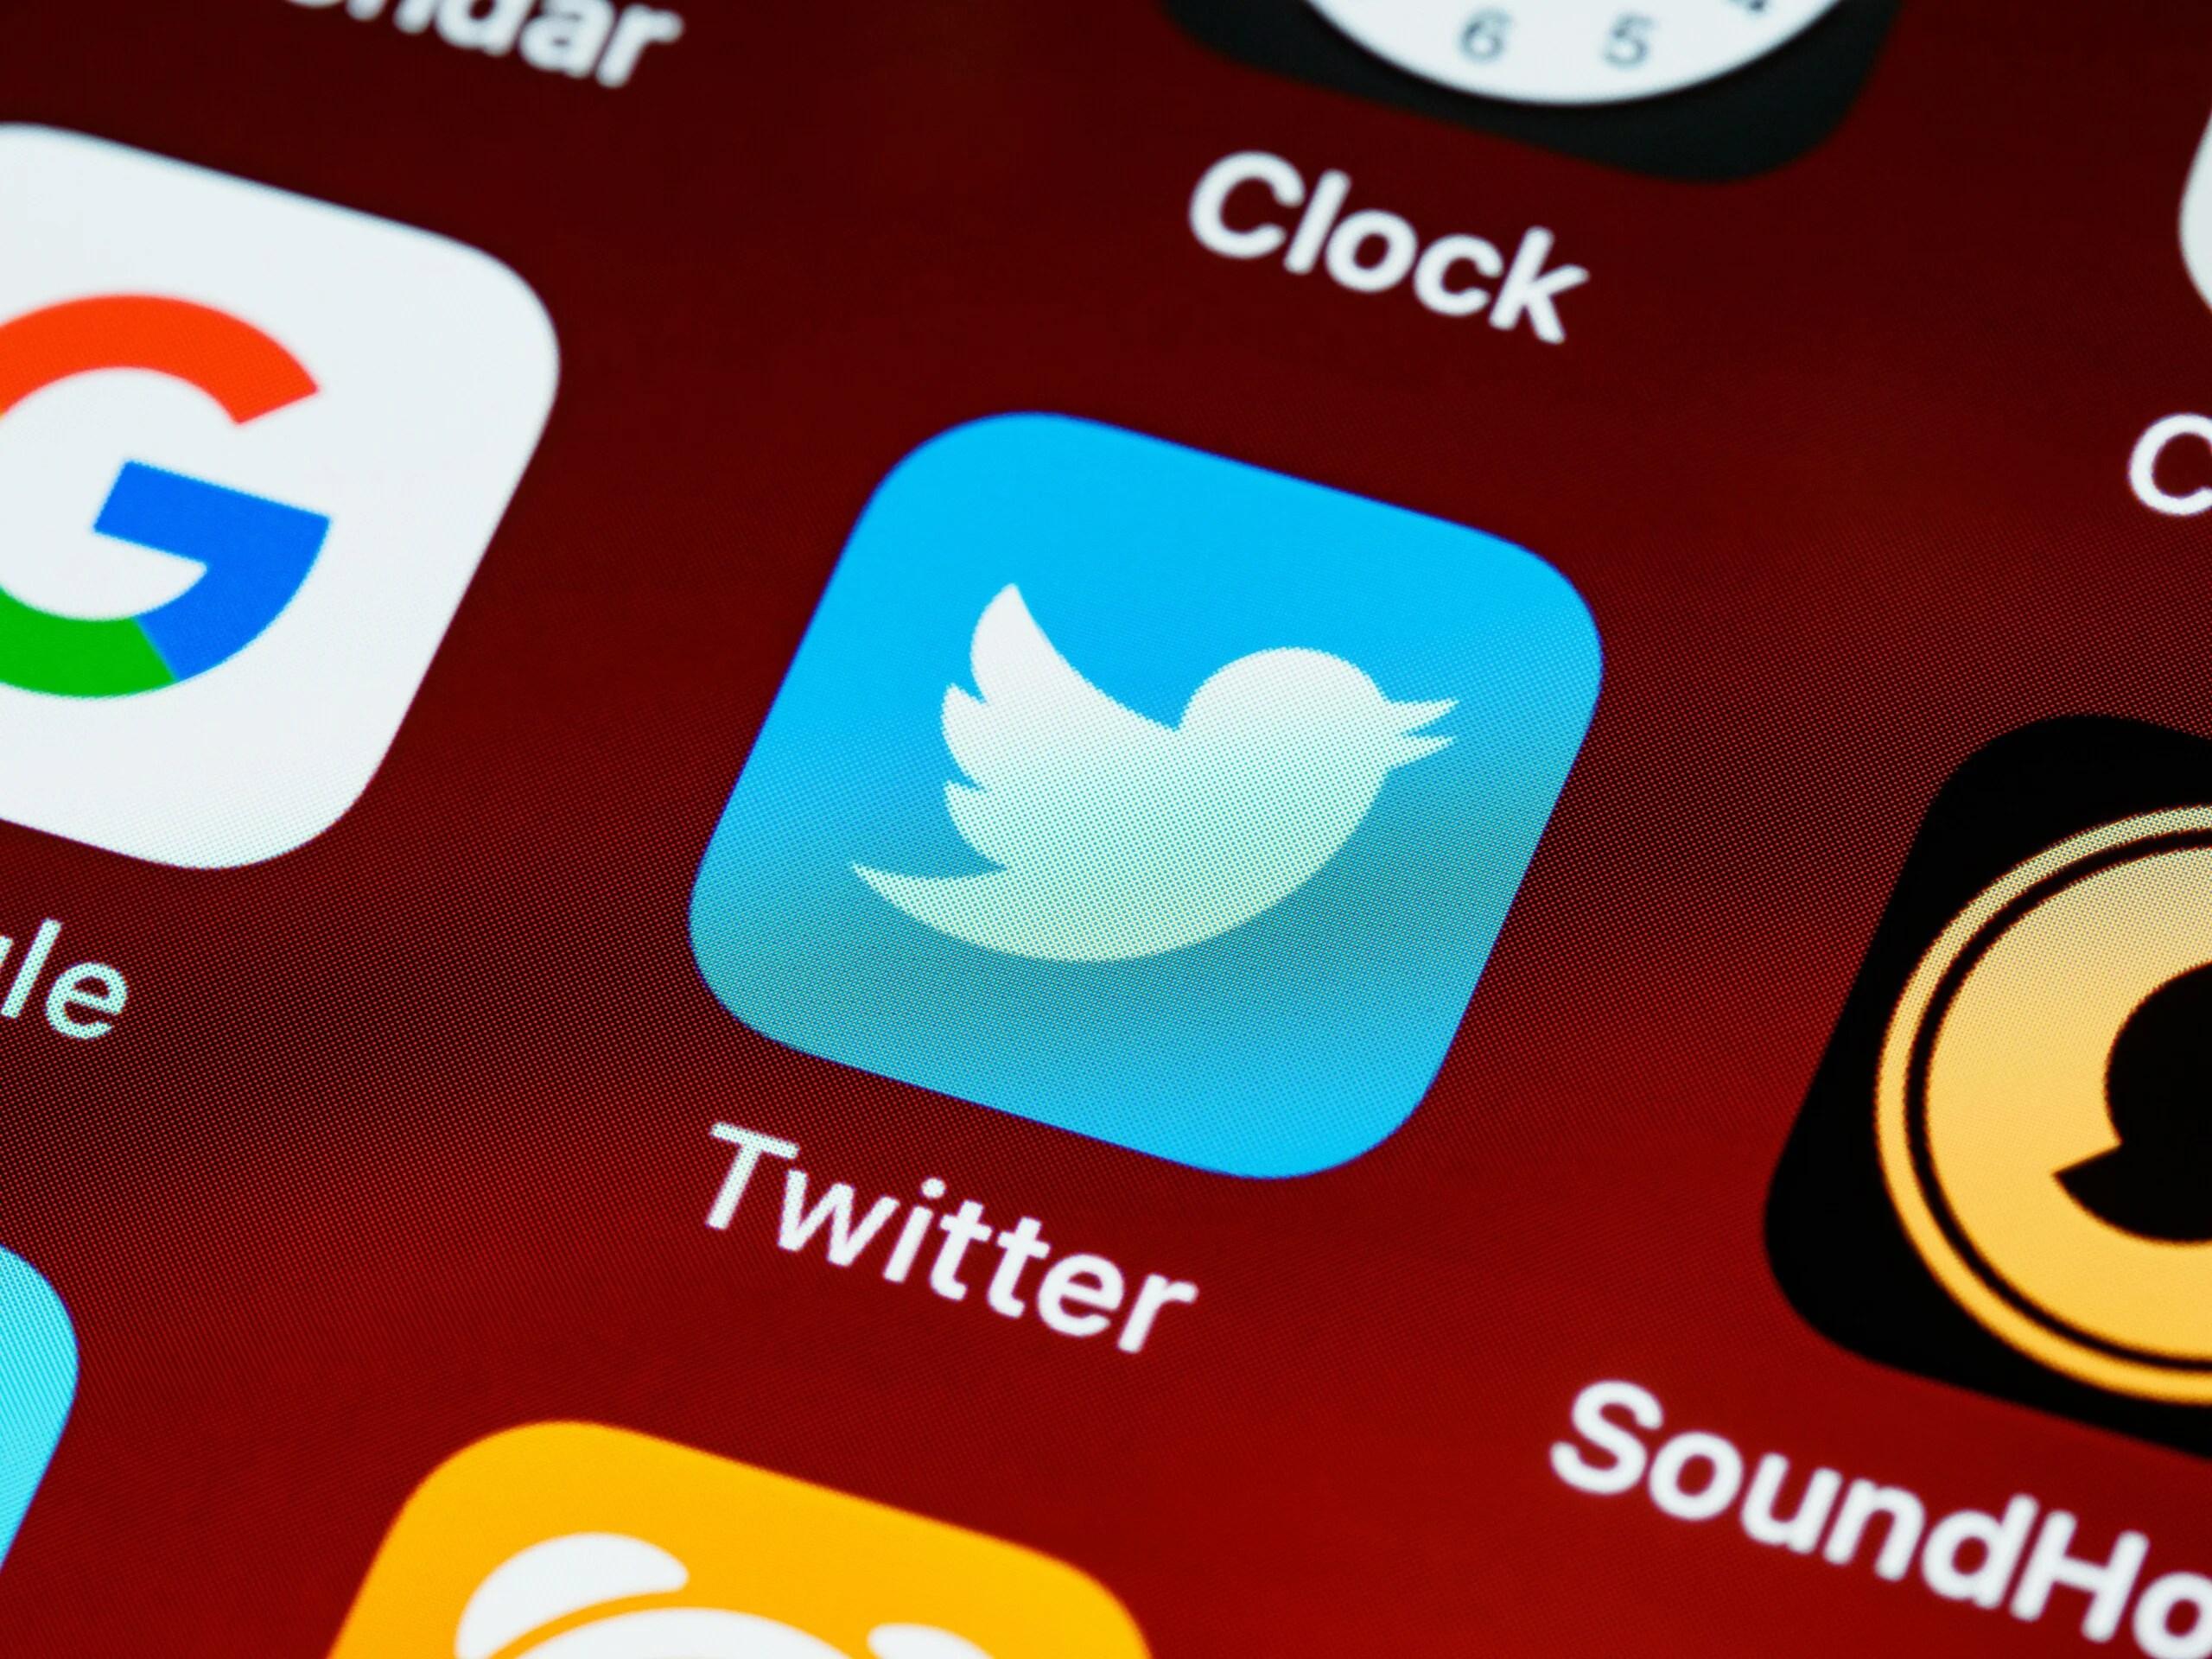 Votre flux Twitter va être bien plus rempli en photos, mèmes et images diverses